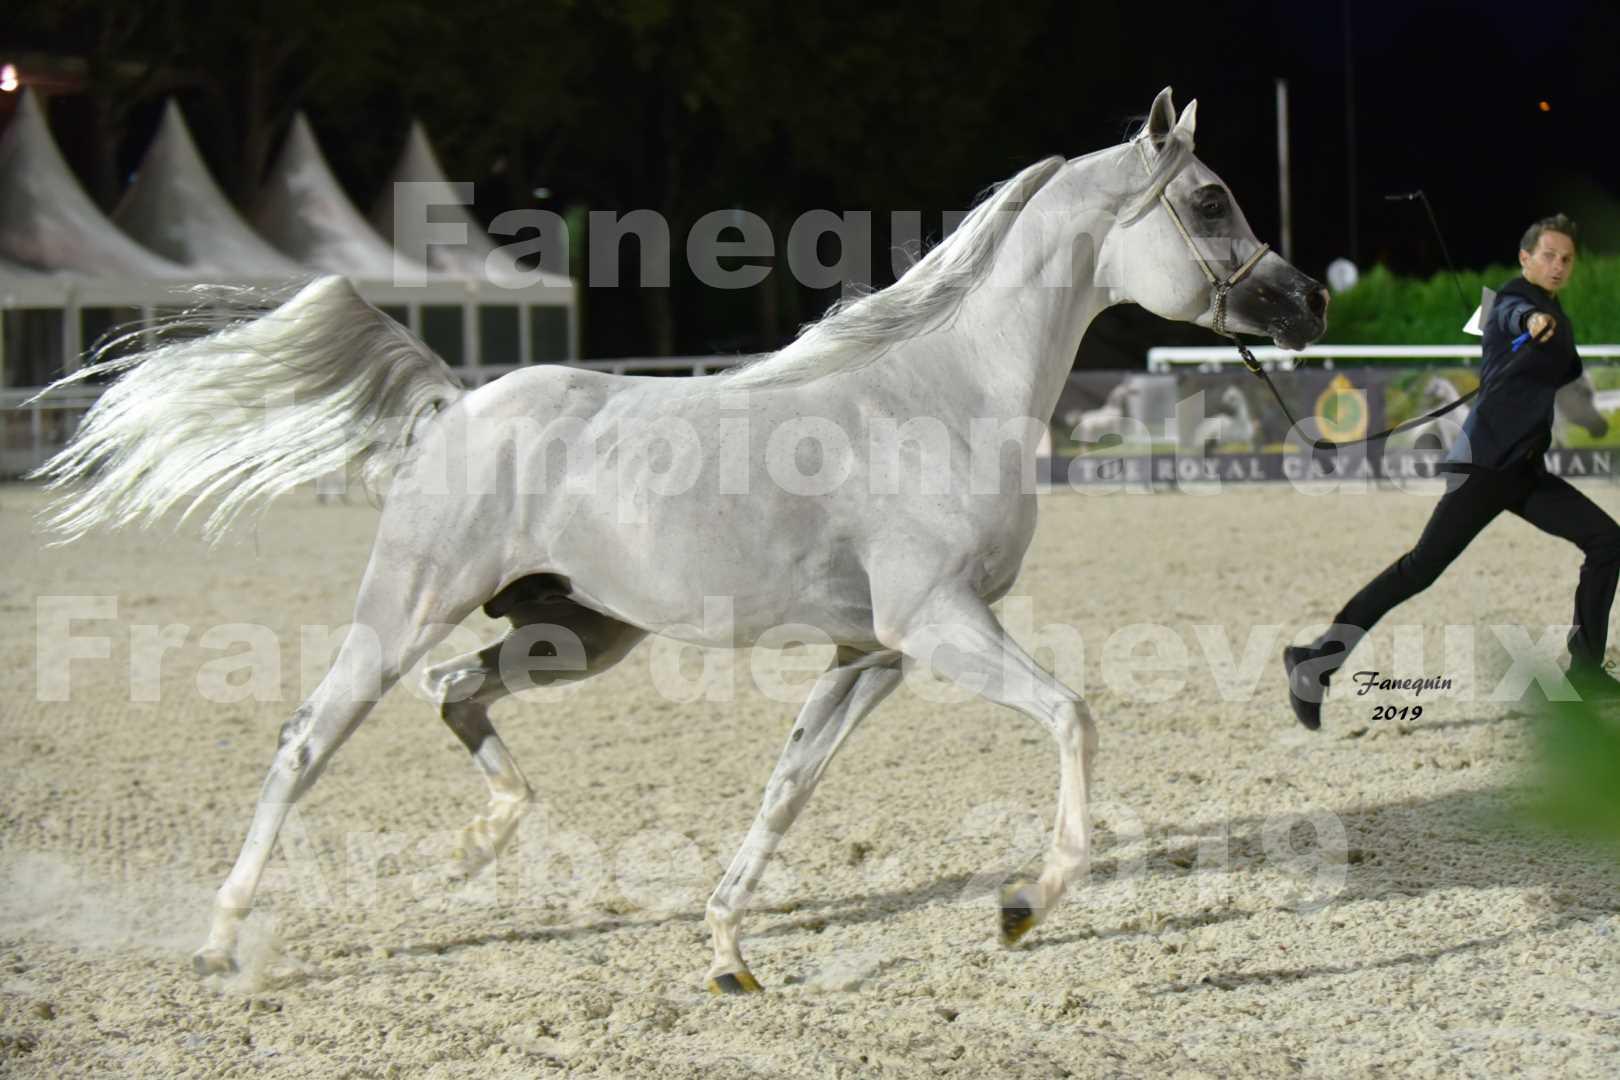 Championnat de France des chevaux Arabes en 2019 à VICHY - SHAMS EL ASHIRAF - 2